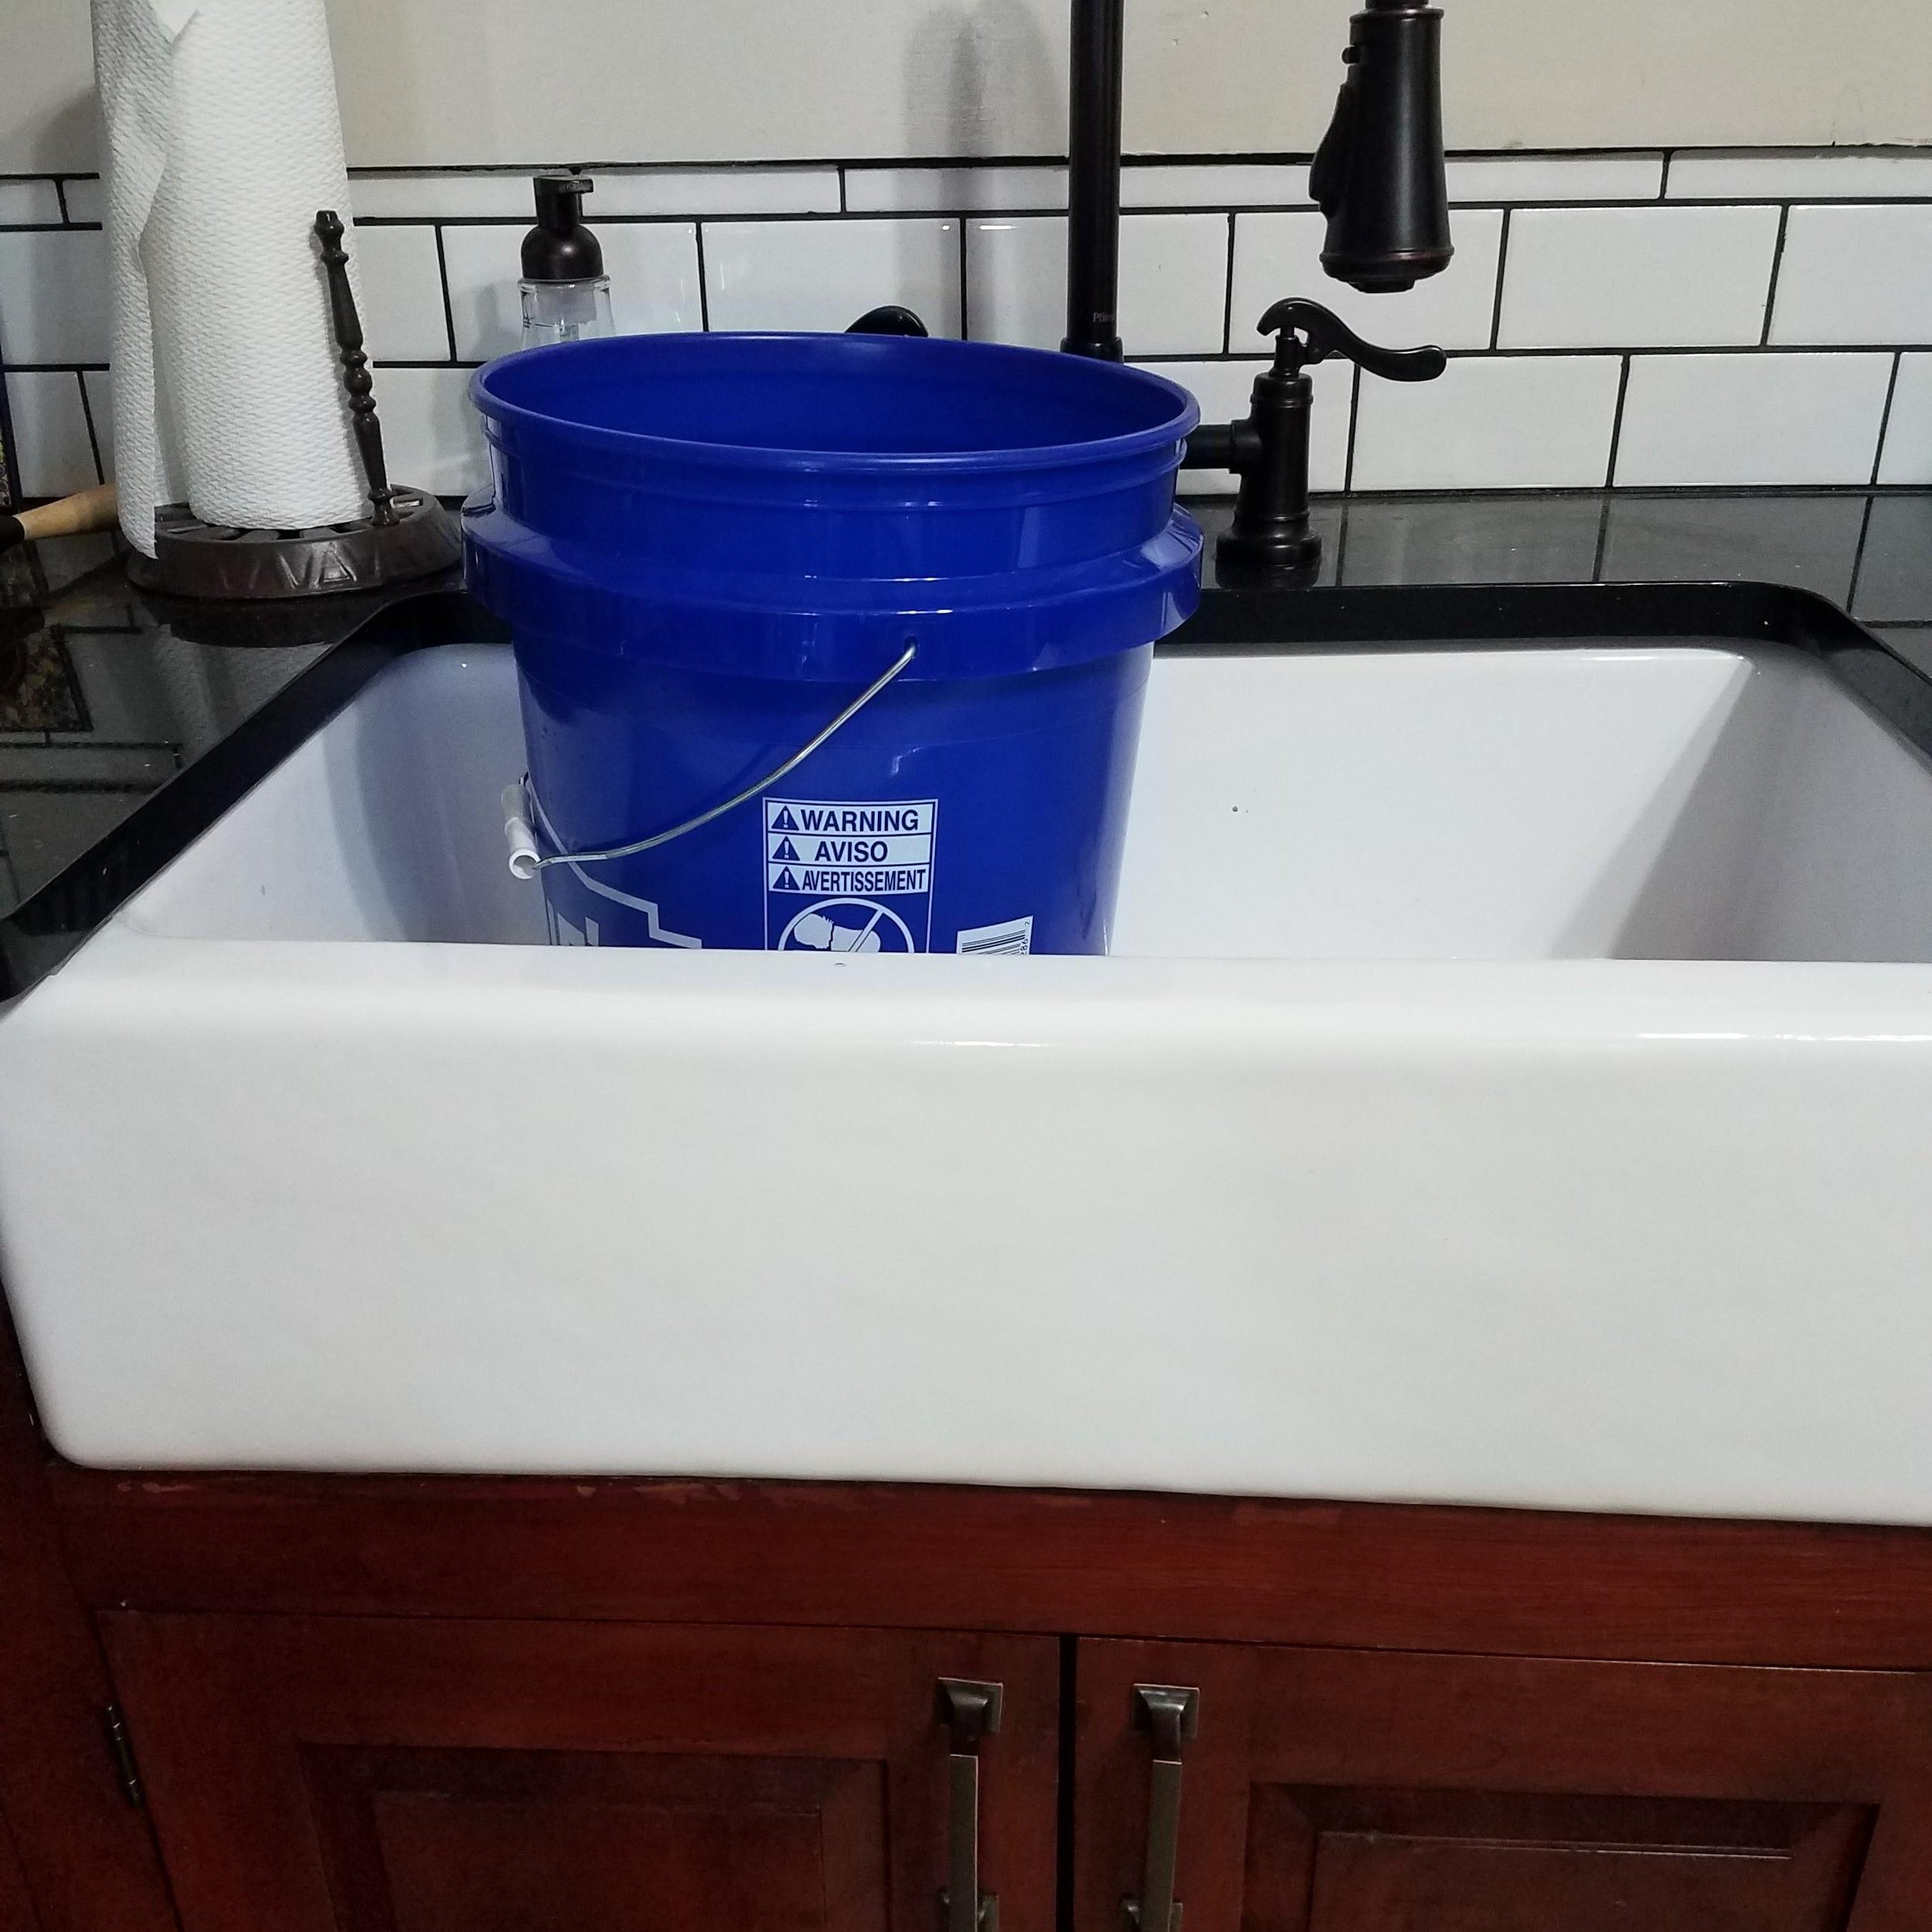 Just put a big ole bucket in my kitchen sink